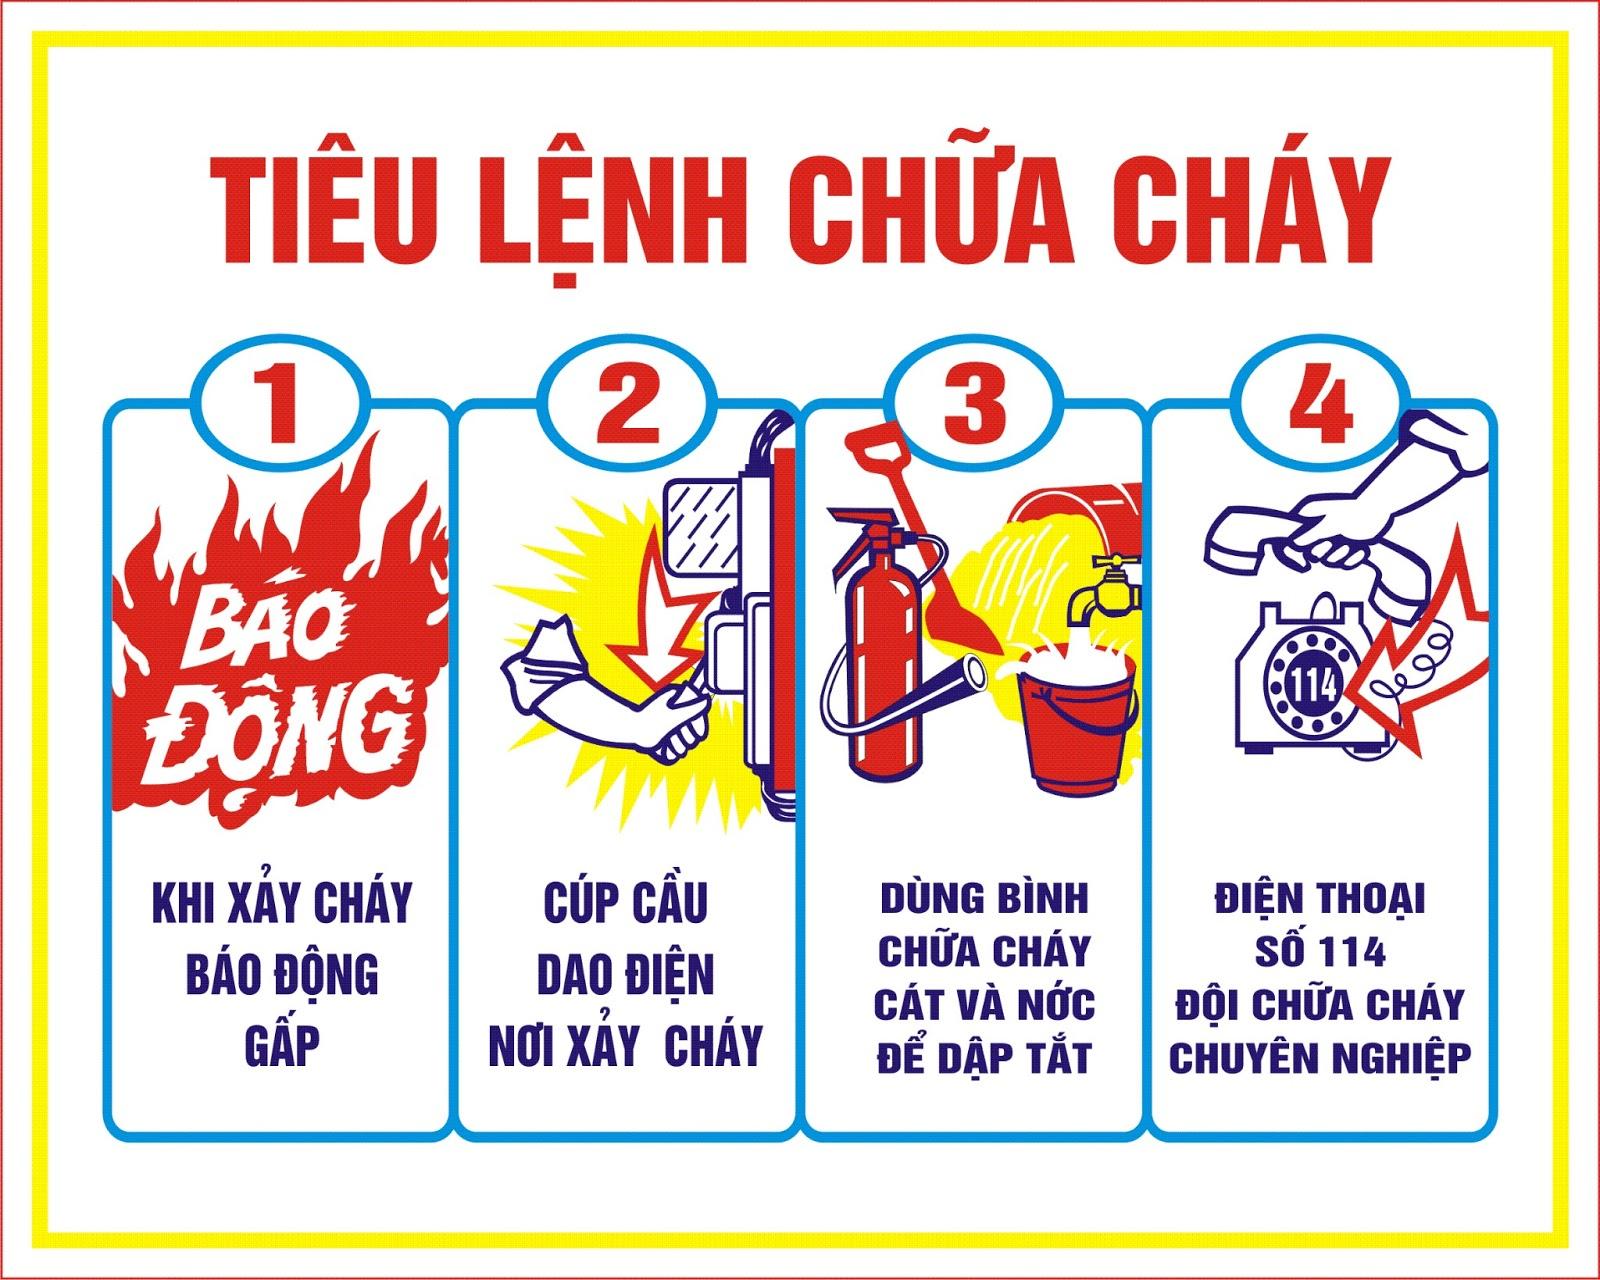 Hồ sơ cấp giấy phép Phòng cháy chữa cháy tại Nghệ An